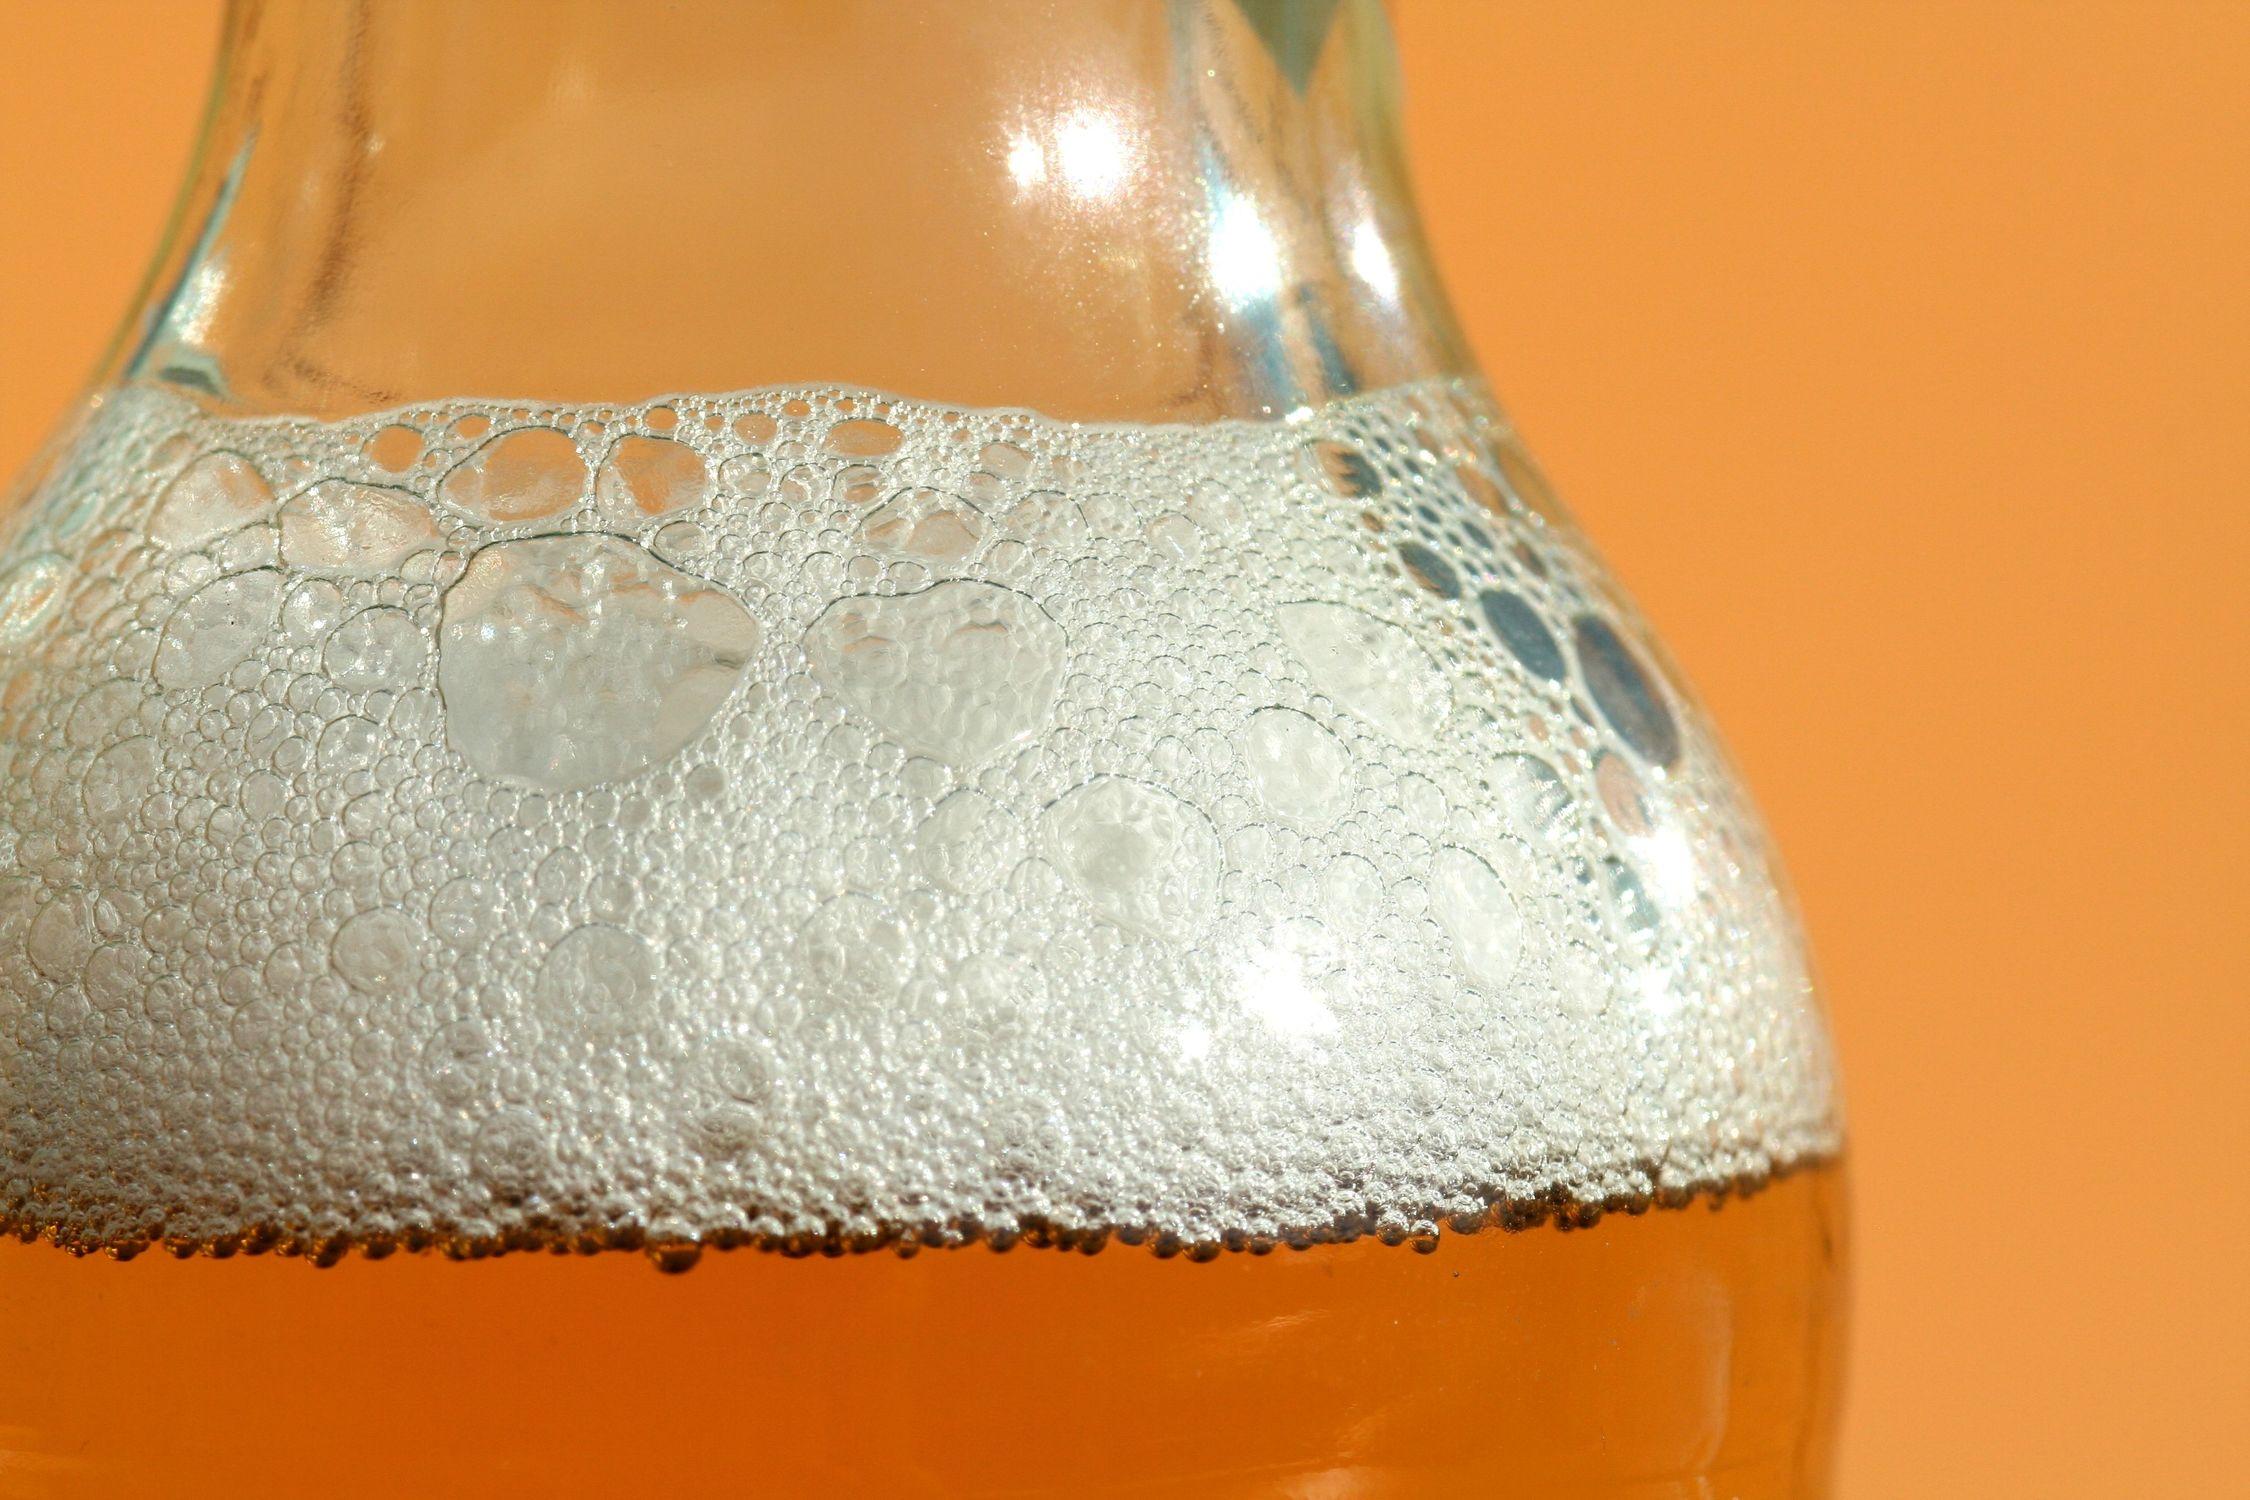 Bild mit Gegenstände, Lebensmittel, Trinken, Getränke, Alkohol, Bottle, Bier